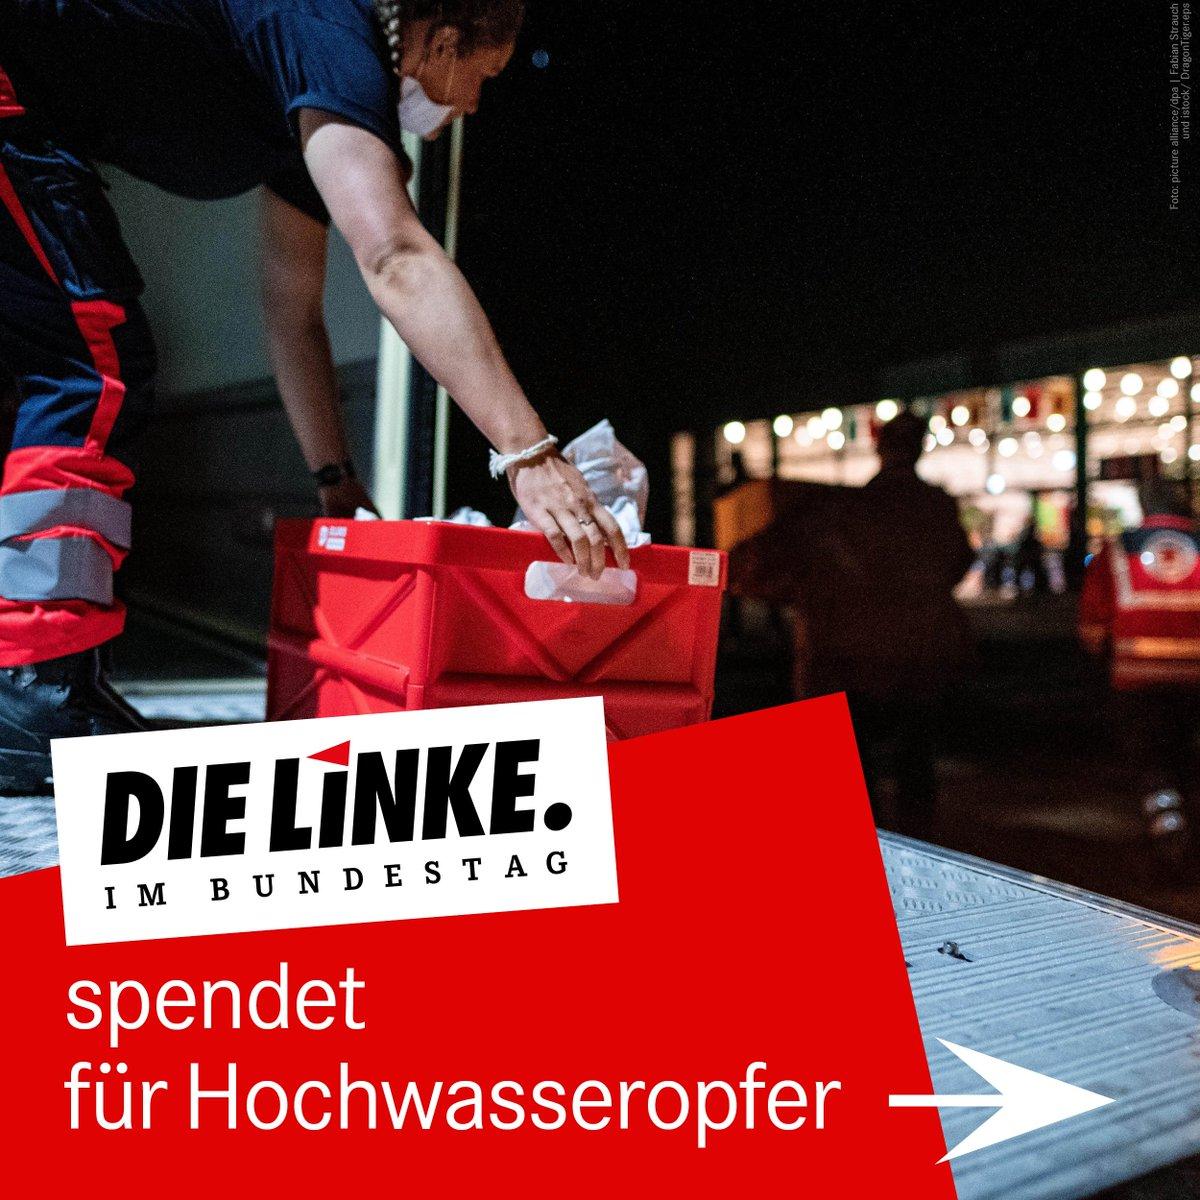 Bundestagsfraktion der LINKEN spendet für Hochwasseropfer: Als Zeichen der Solidarität werden die Abgeordneten der Fraktion DIE LINKE im Deutschen Bundestag jeweils mindestens 1.000€ für die Hochwasseropfer spenden. https://t.co/RN2oJV2gy1